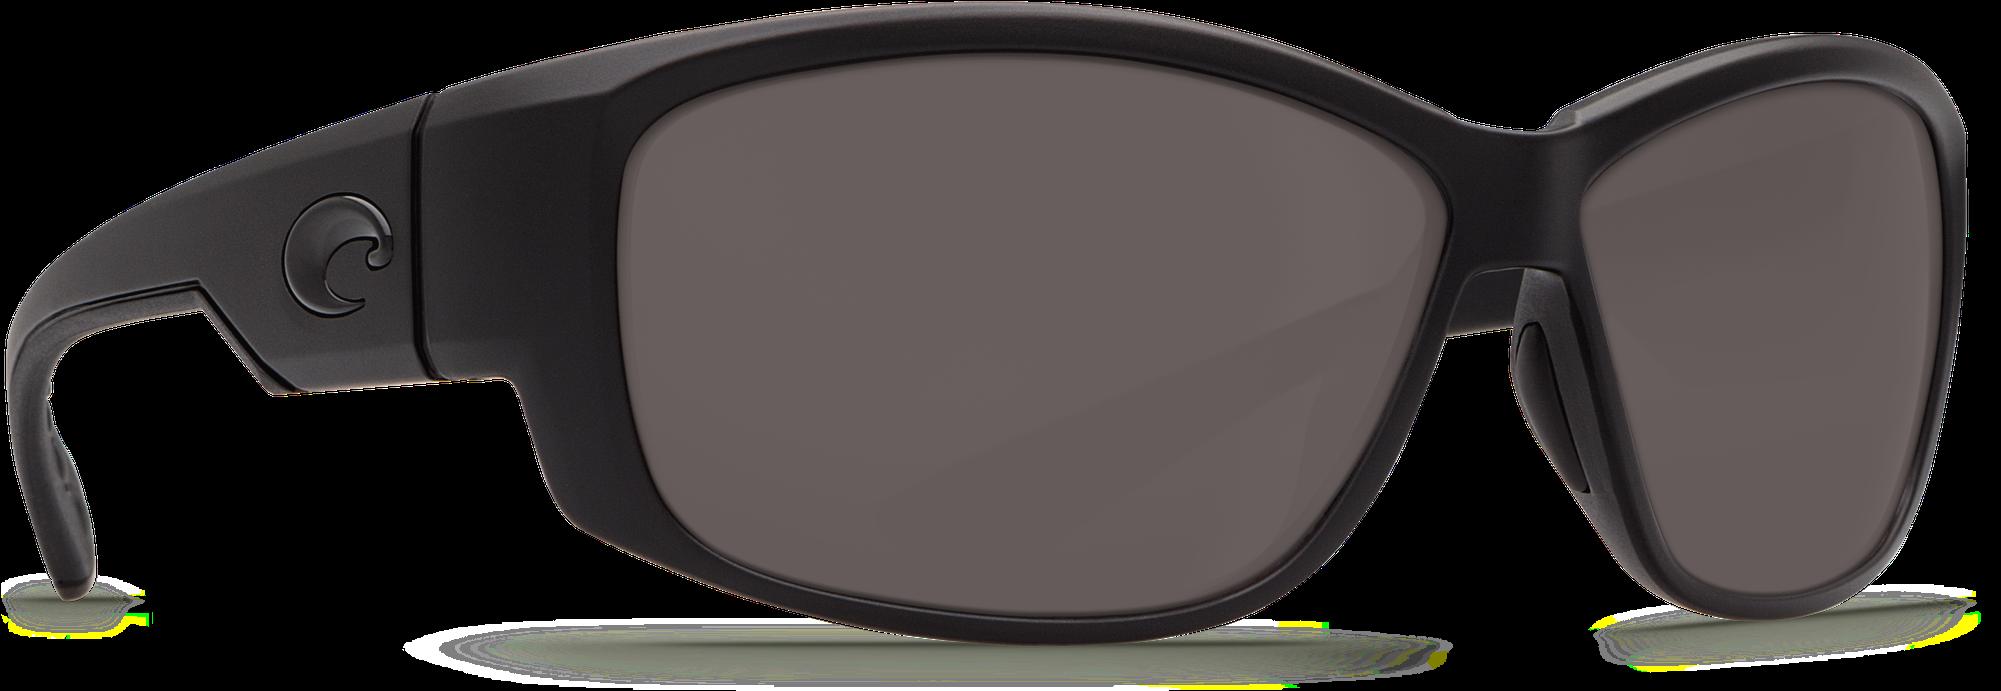 57e78eb117a0 Costa Del Mar Luke Sunglasses In Blackout, Tr-90 Nylon - Luke Tortoise  Sunglasses